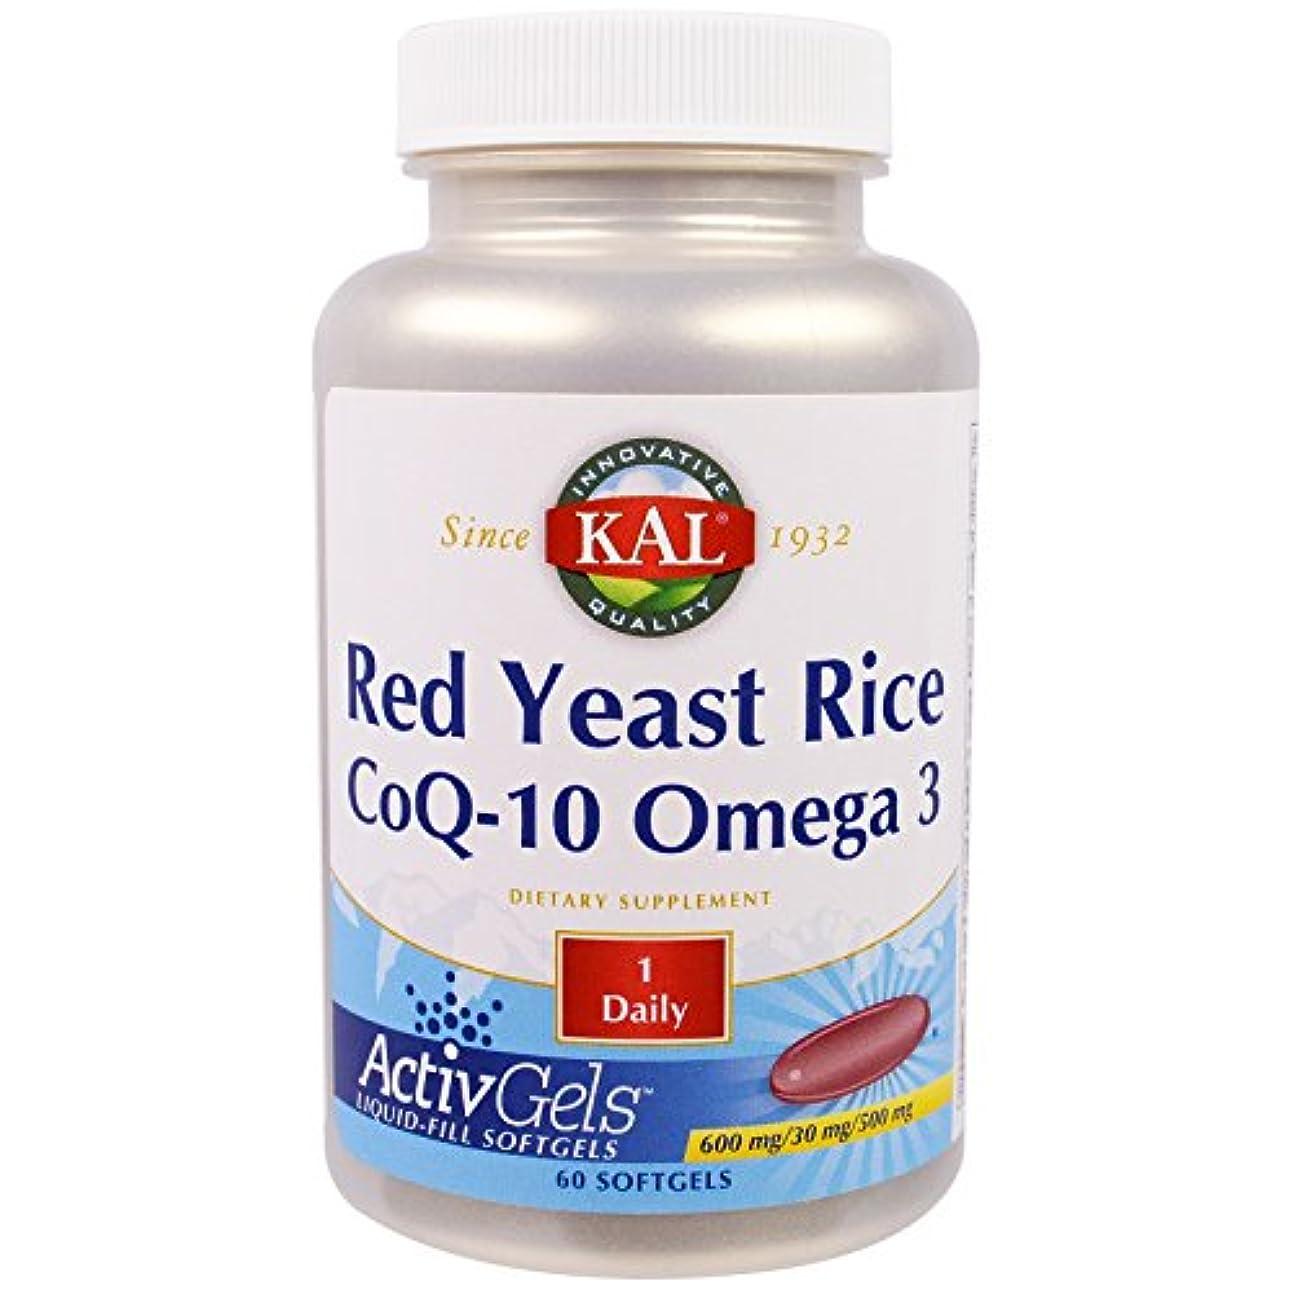 弓正確にレプリカ紅麹(ベニコウジ)米&コエンザイムQ10 + オメガ3 EPA/DHA 60粒[海外直送品]